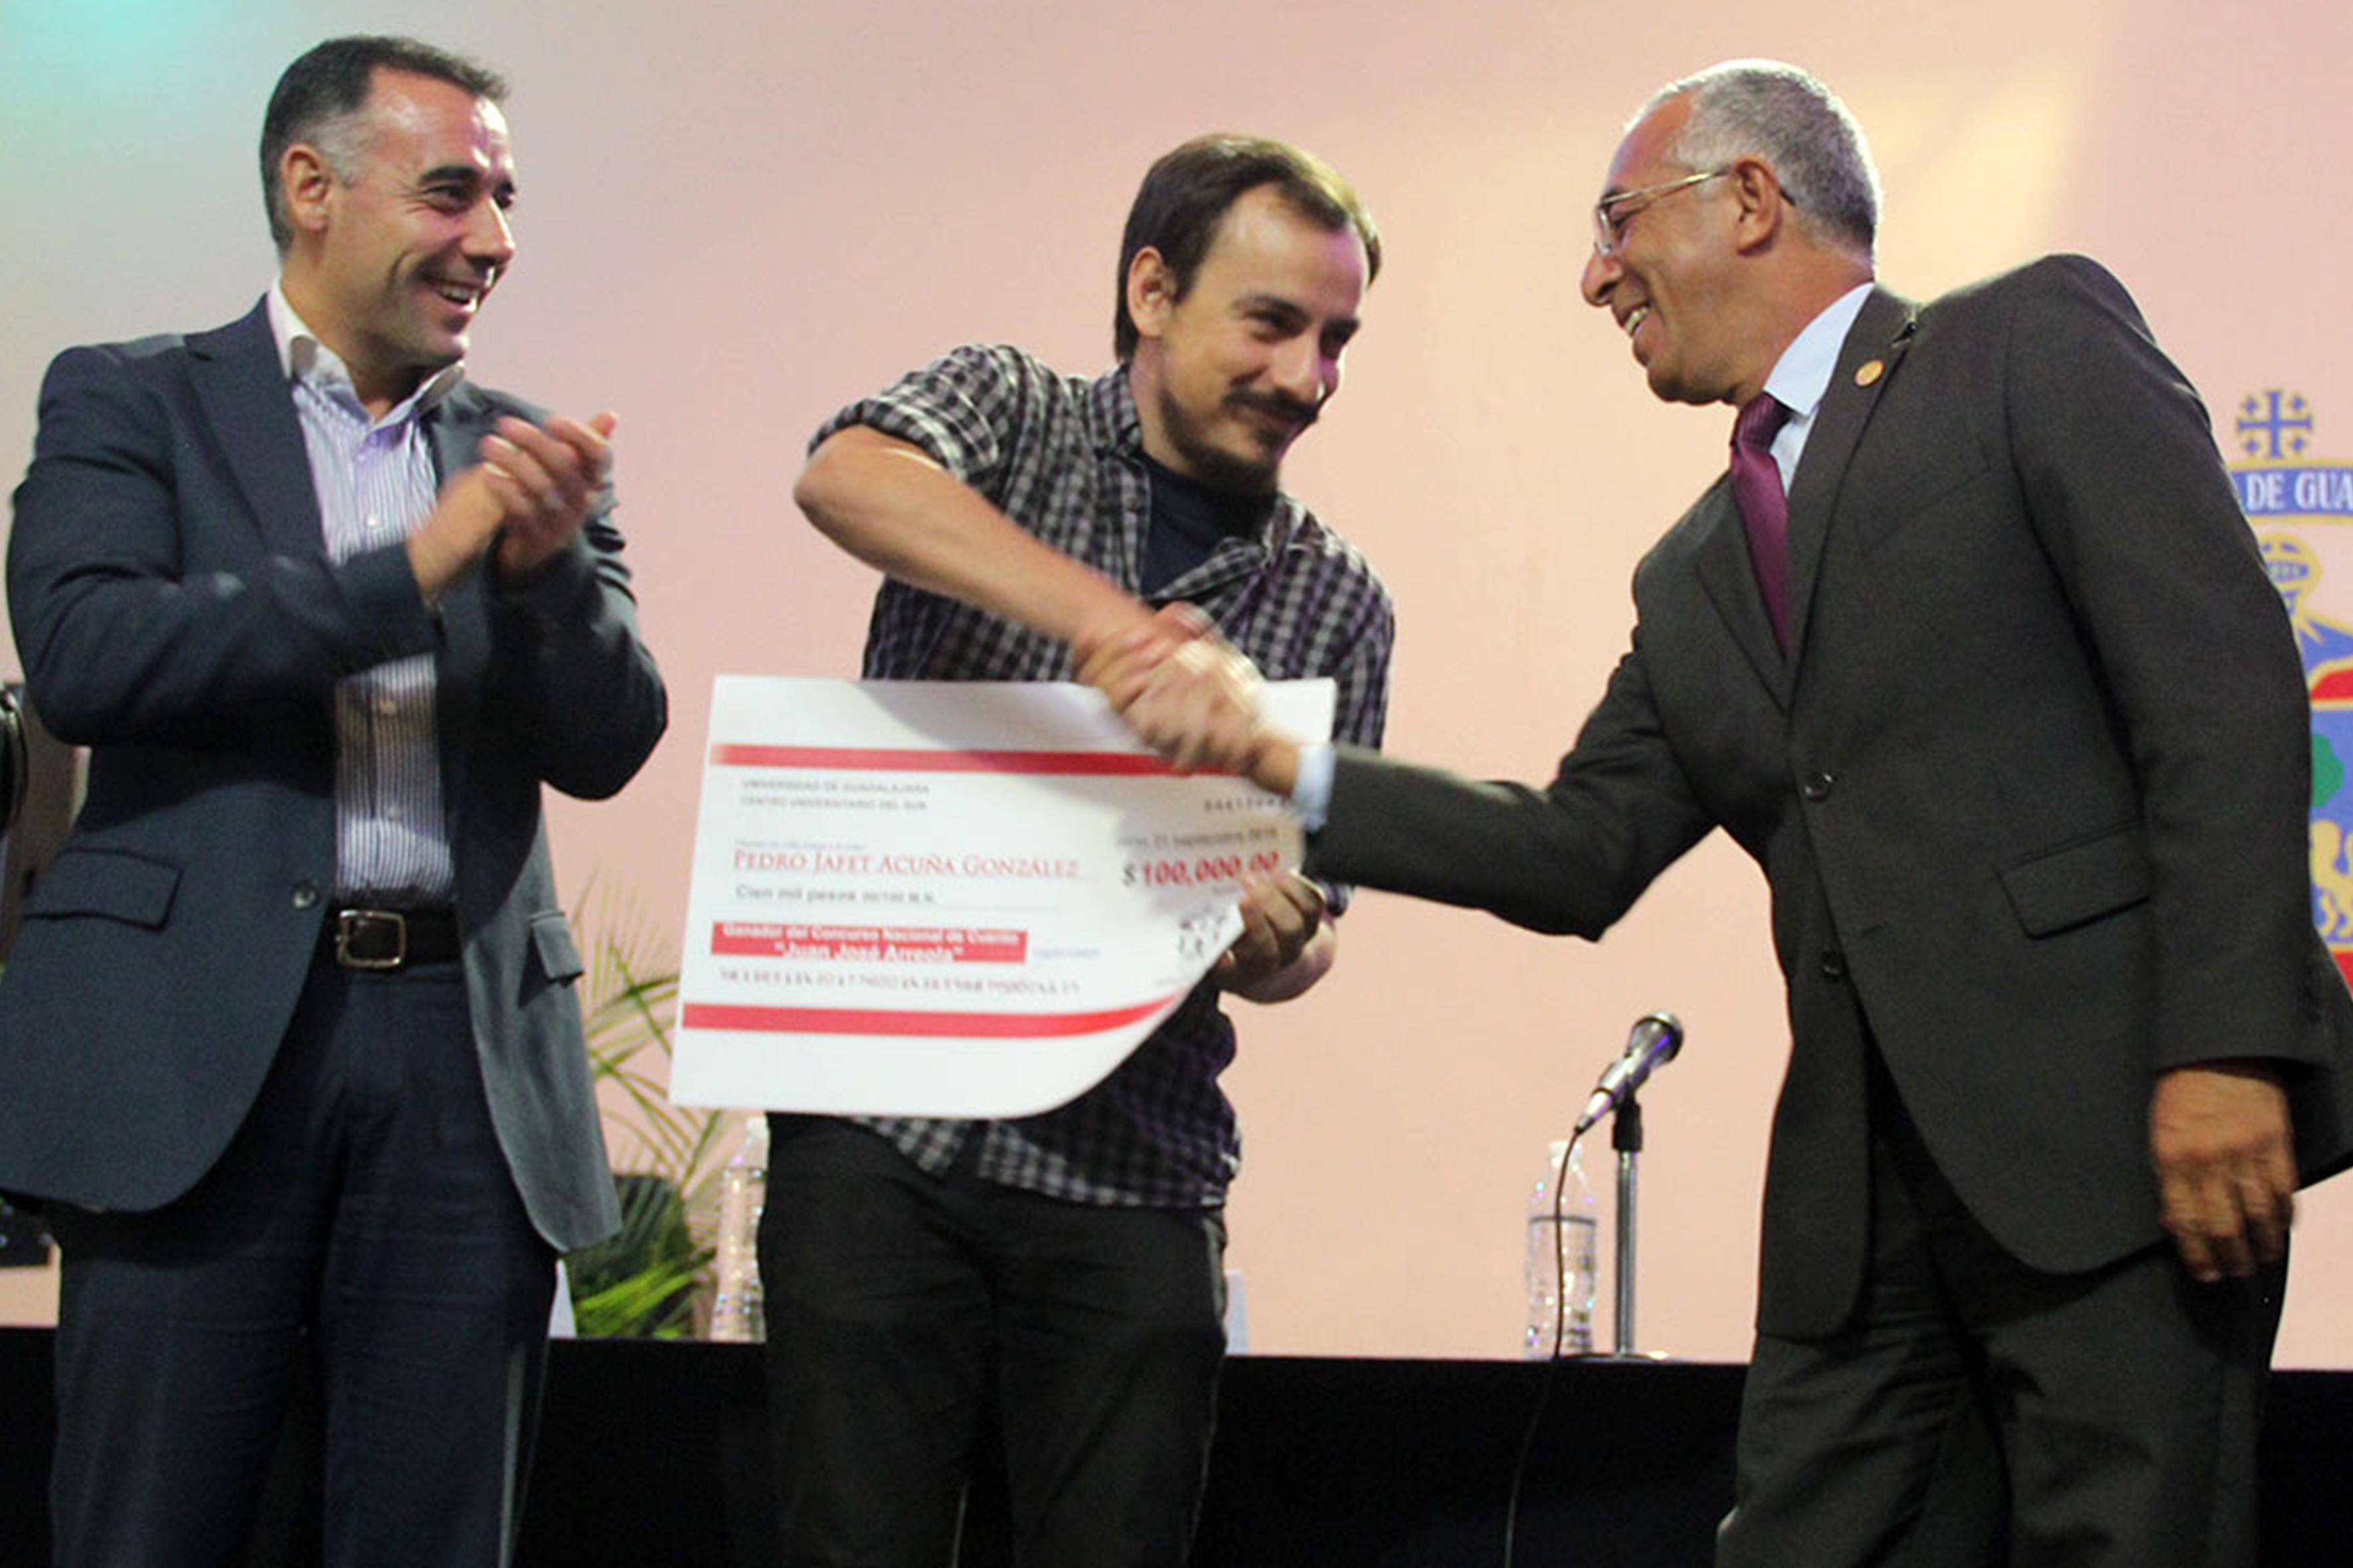 EL ganador recibiendo su premio